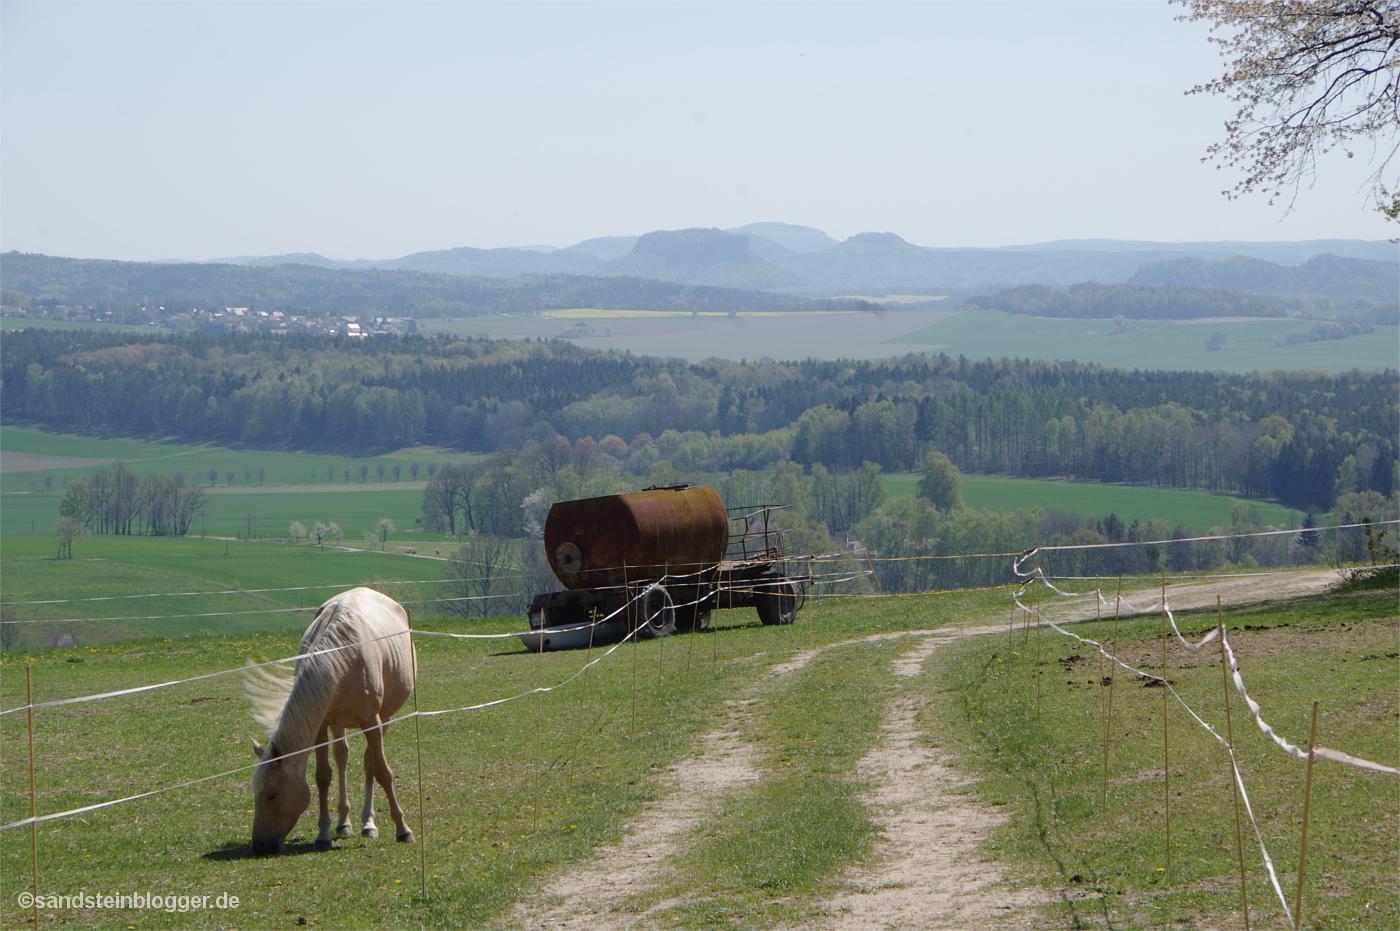 Weite Wiesen, Elektrozäune, im Vordergrund grast ein Pferd